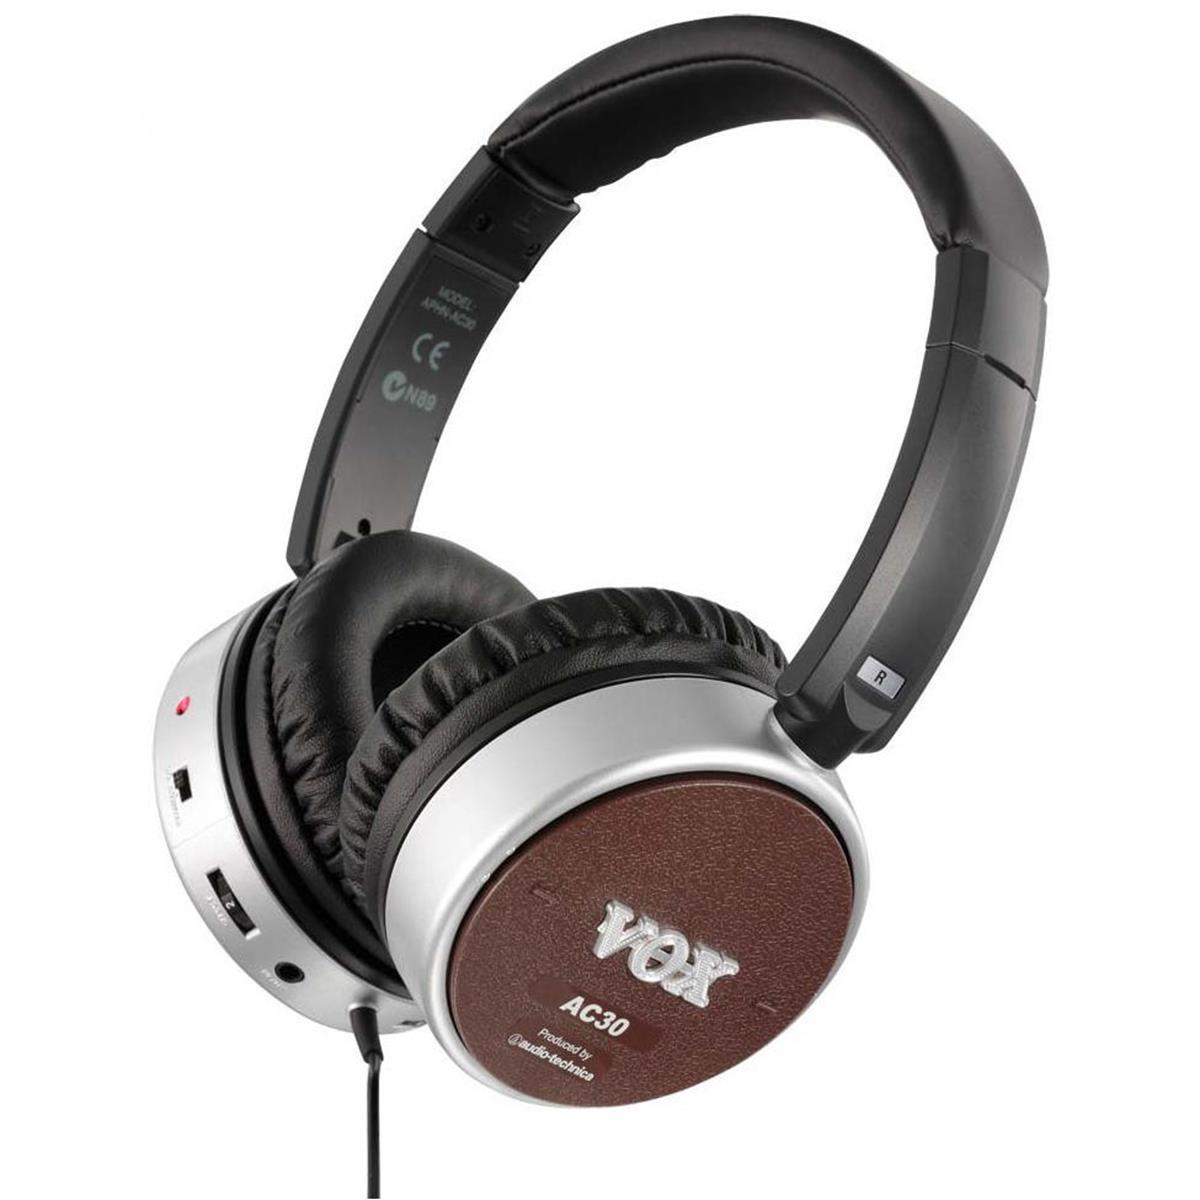 VOX AmPhones AC30 - Chitarre Cuffie - Cuffie